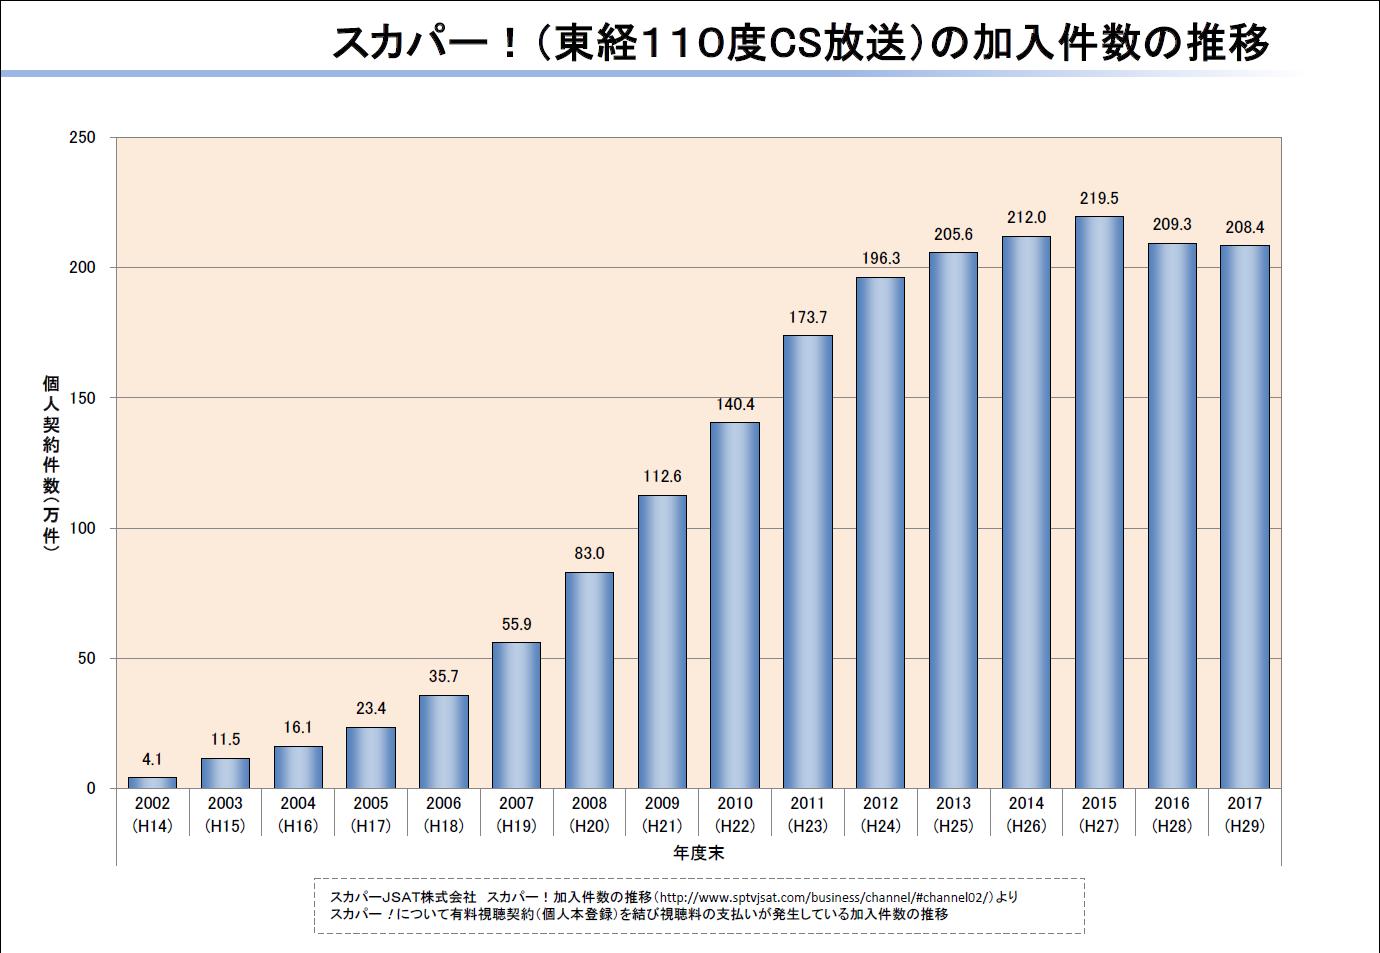 スカパー!(東経110度CS放送)の加入件数の推移